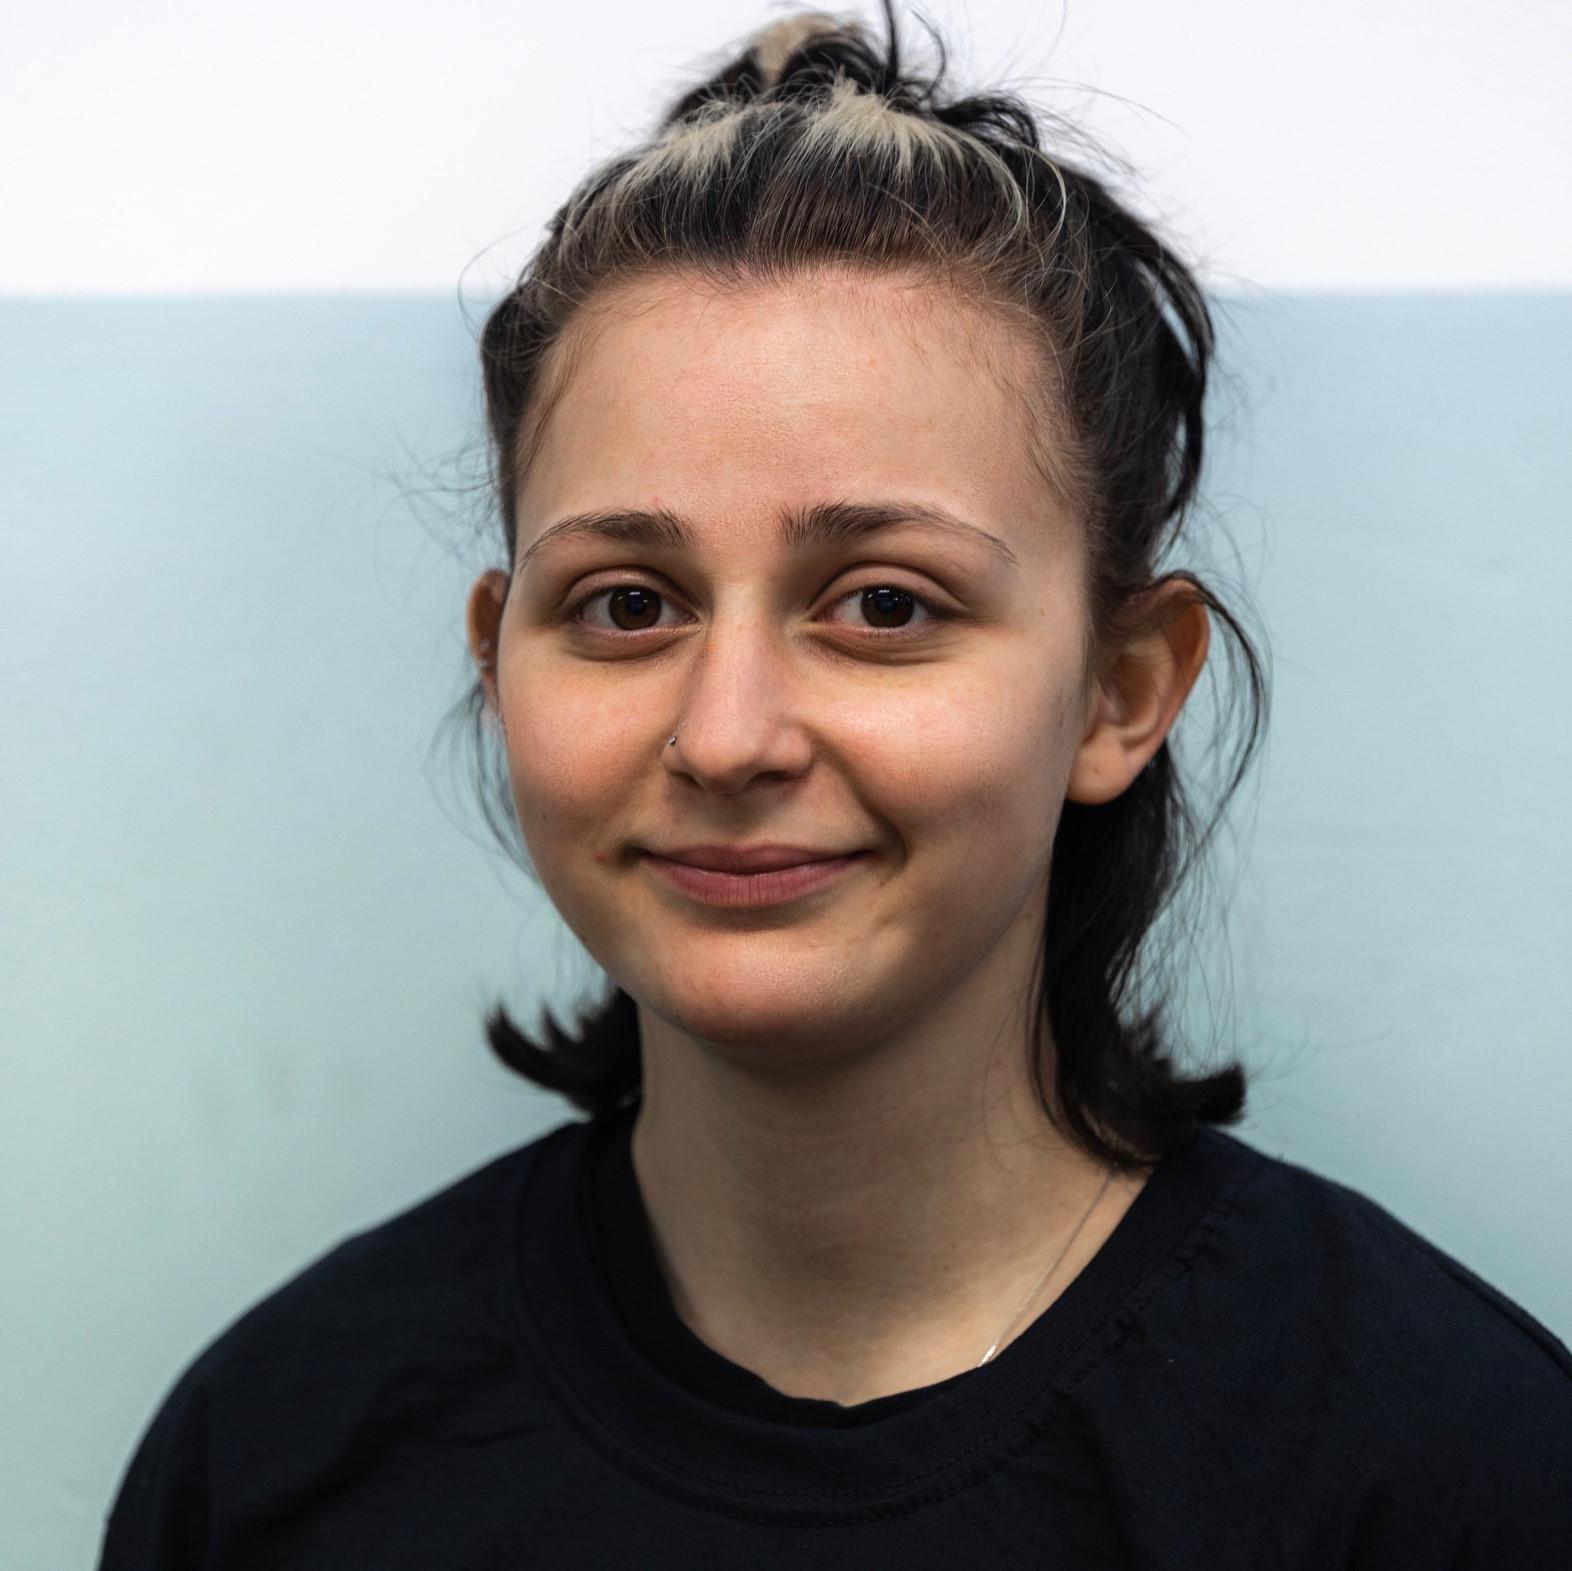 Zahraa Sbeity